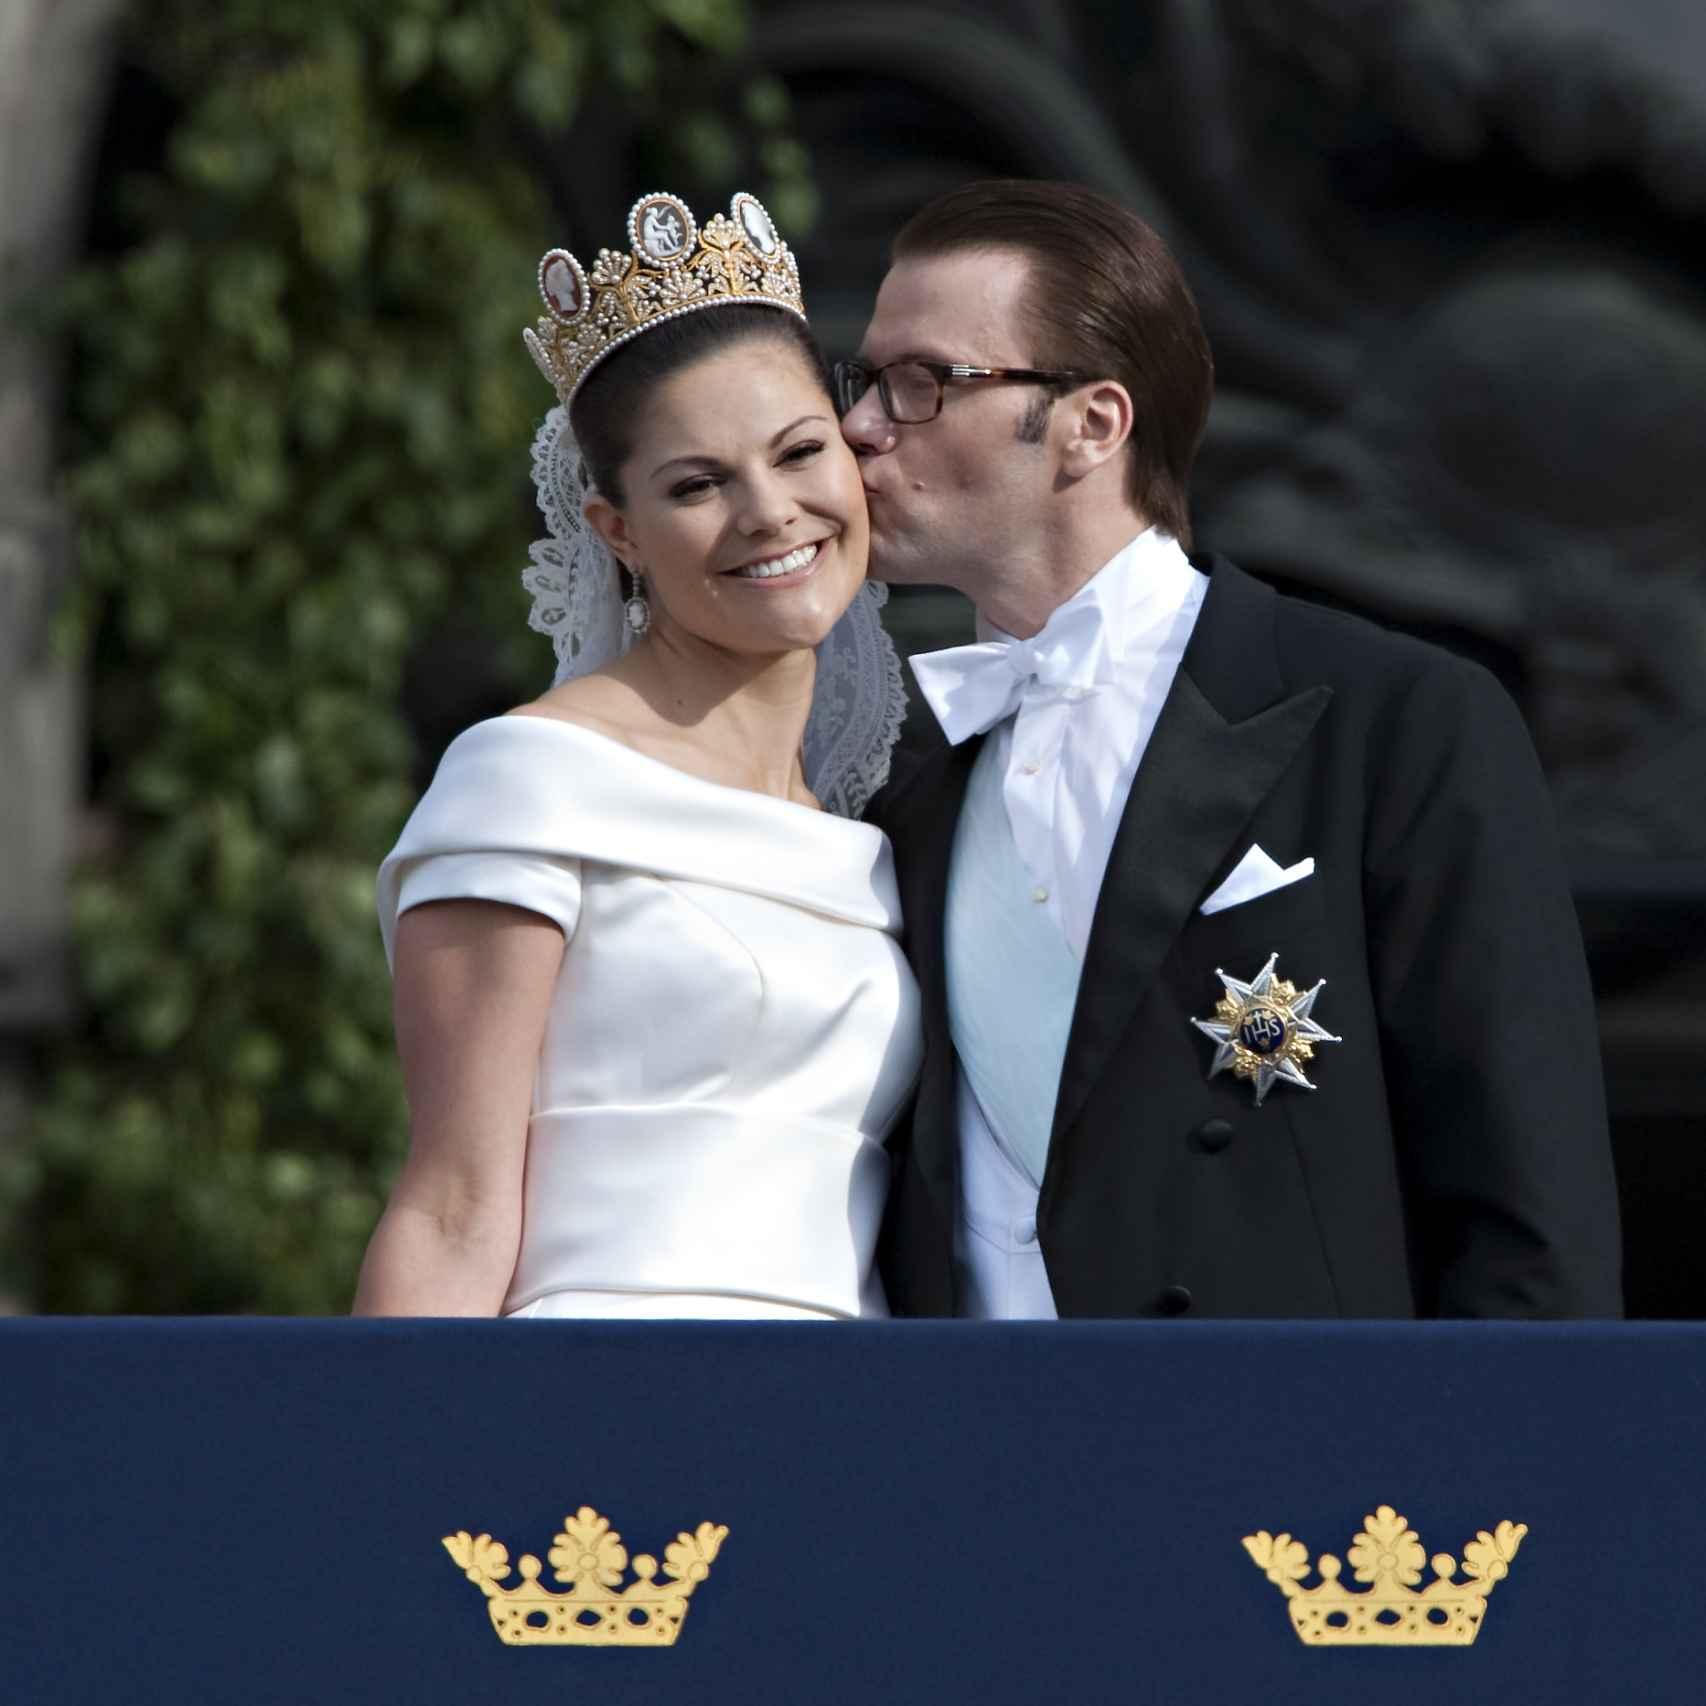 Uno de los momentos más entrañables del enlace de Victoria de Suecia y Daniel Westling.